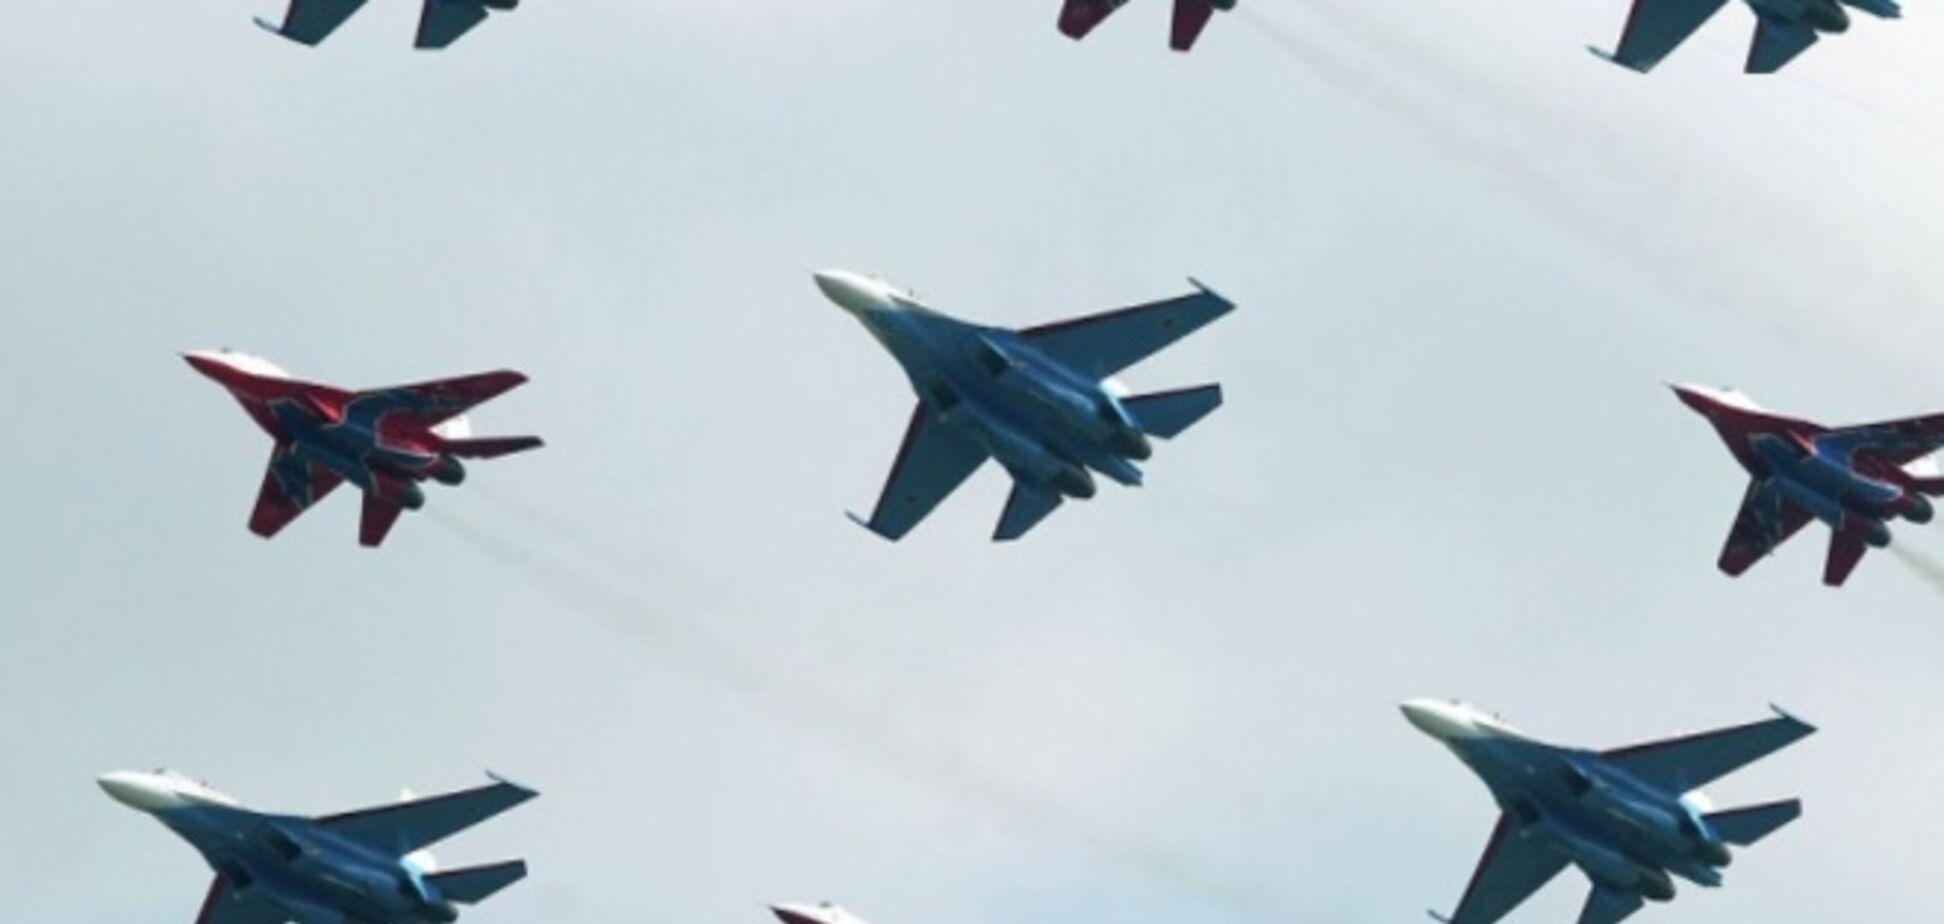 Россия уверяет, что ее самолетов в воздухе Украины не было